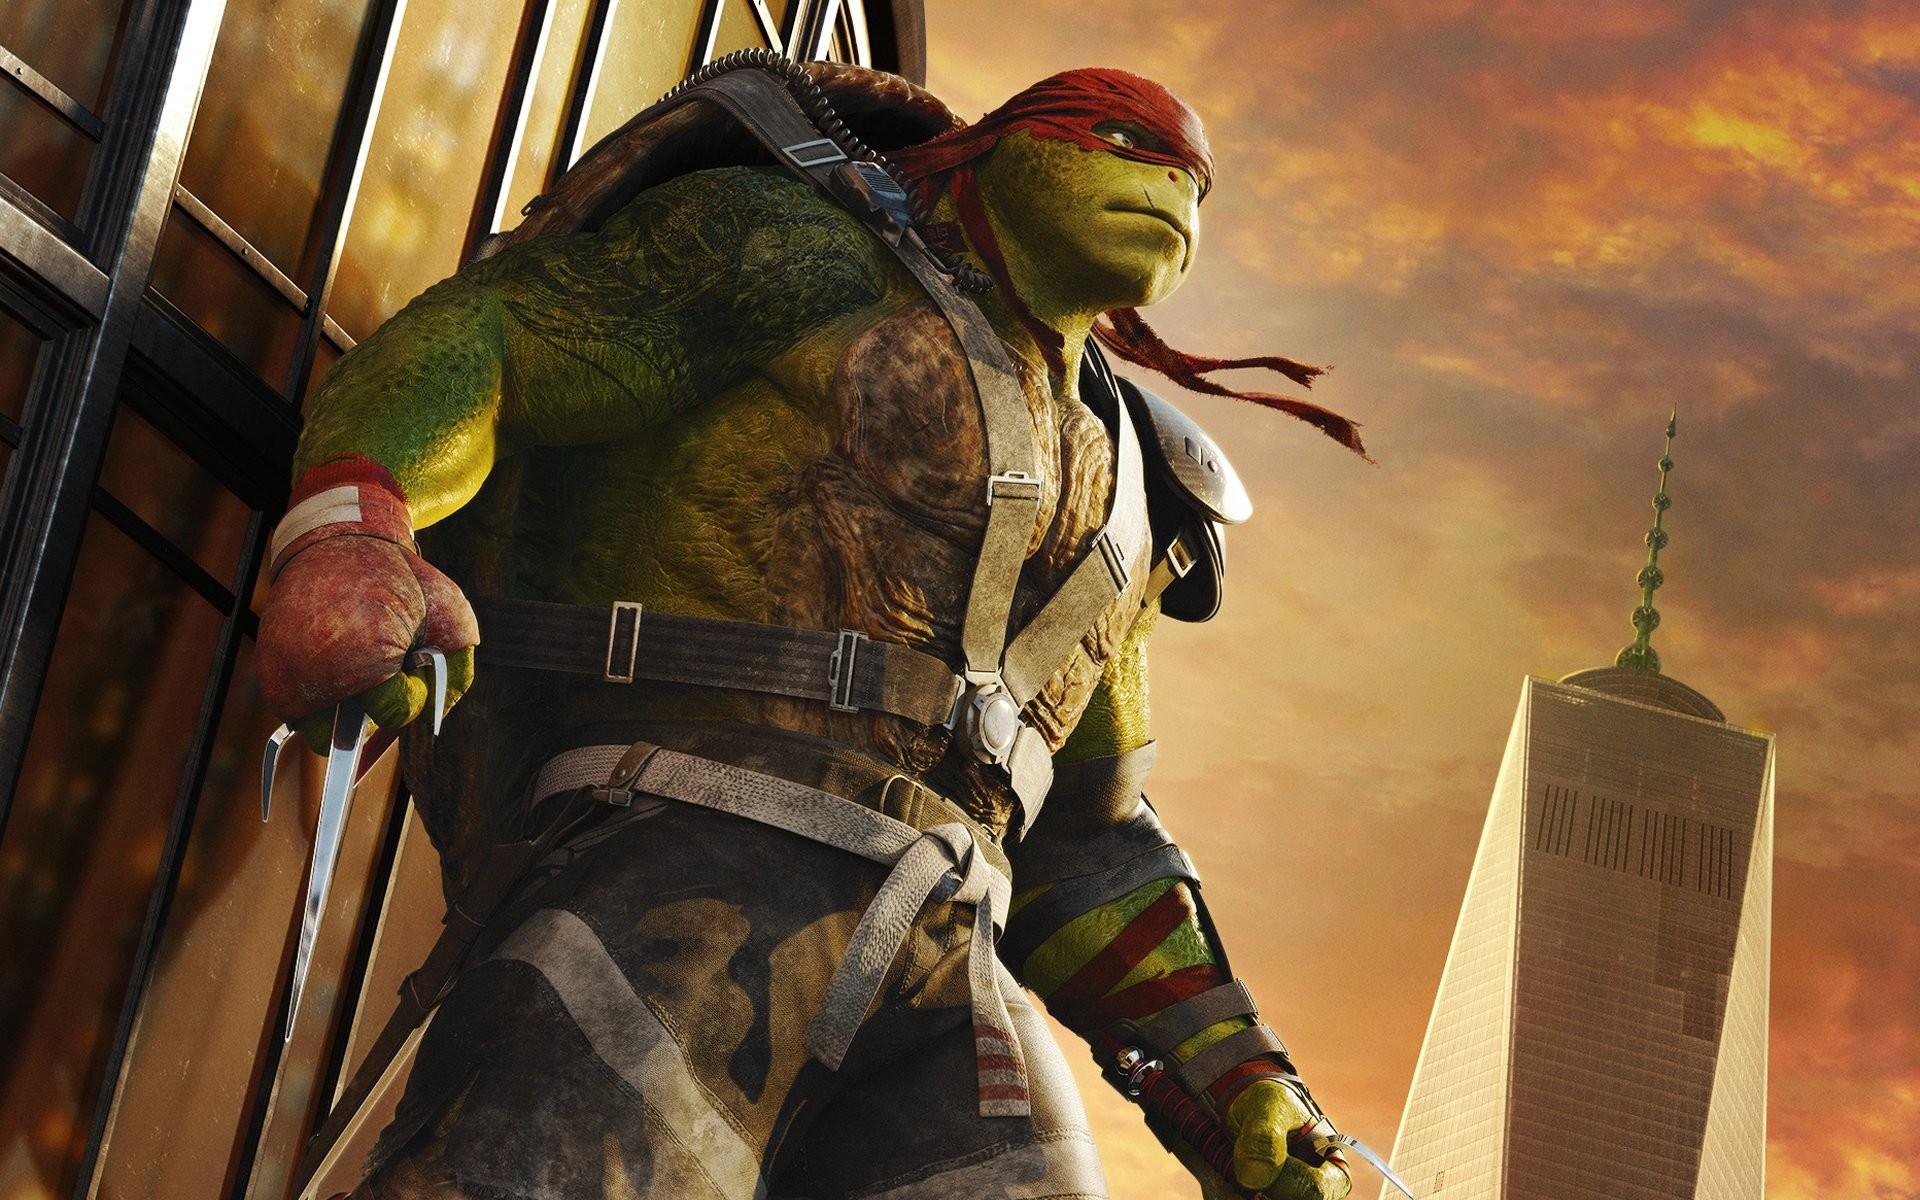 Desktop Ninja Turtles HD Wallpapers   HD Wallpapers   Pinterest   Wallpaper,  Cartoon drawings and Drawings